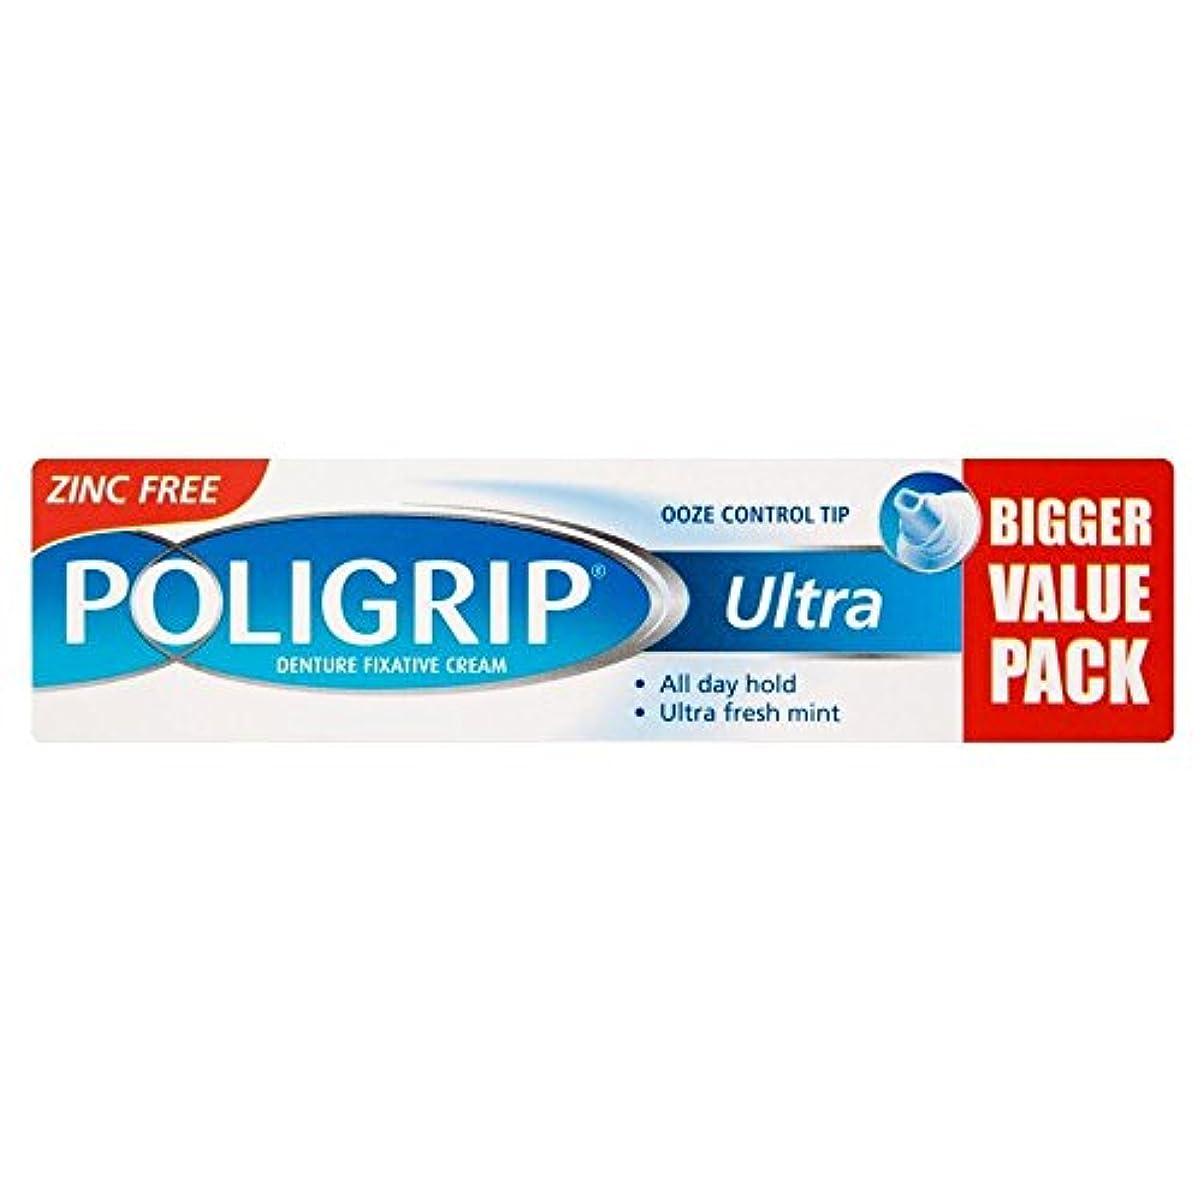 論理的にゴルフラオス人[Poligrip] Poligripの義歯安定剤クリーム超ミント(50グラム) - Poligrip Denture Fixative Cream Ultra Mint (50g) [並行輸入品]